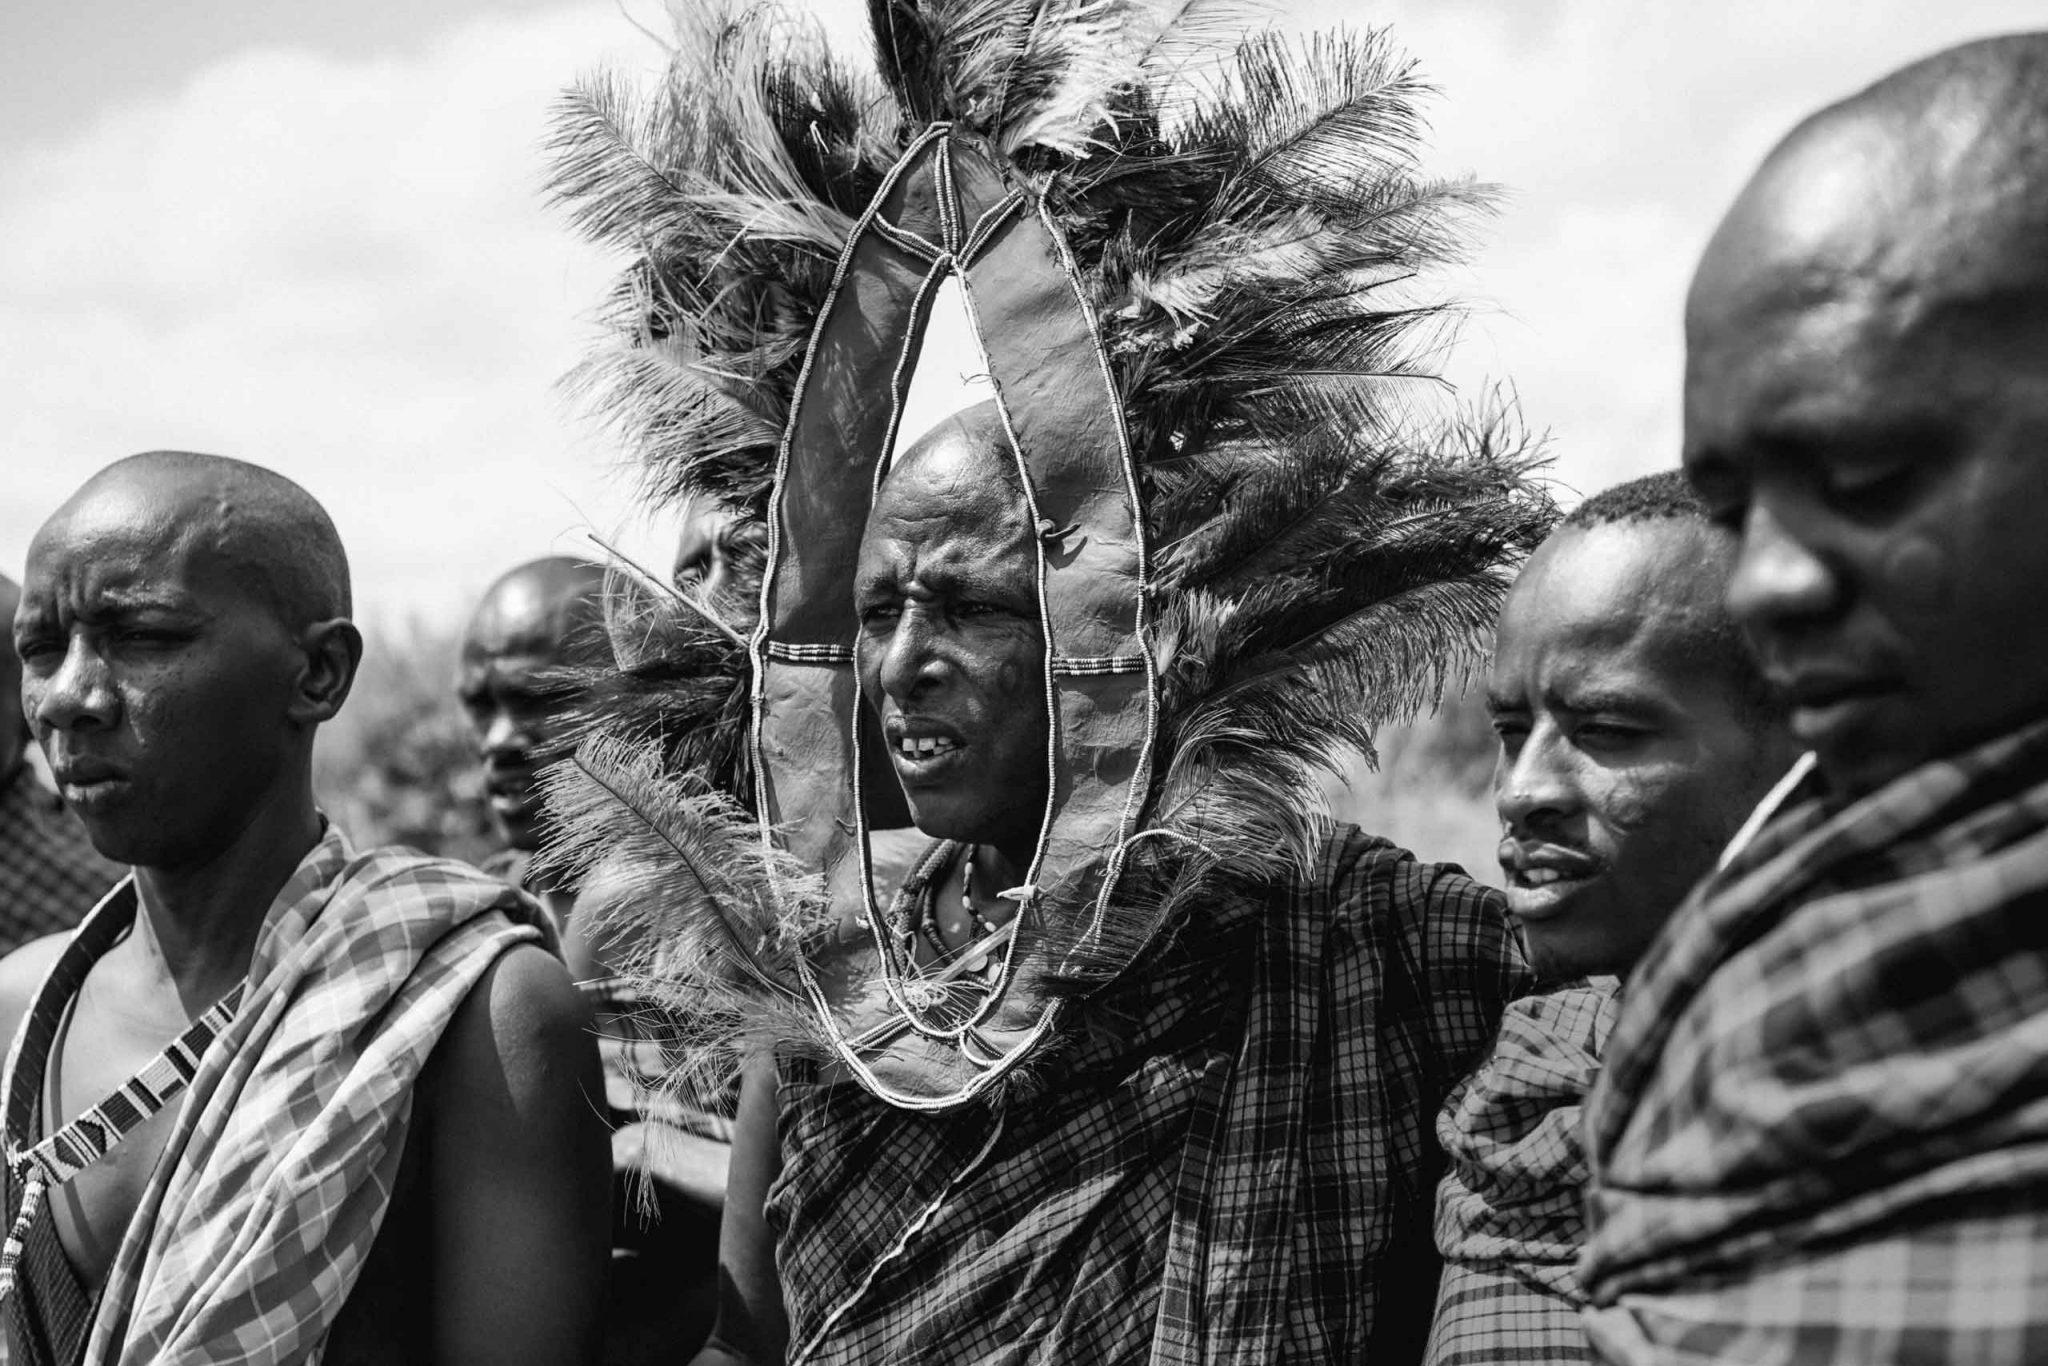 Ilsoo_van_Dijk_Ilsoovandijk_Kenya_The_Raindance_Project_2019_20